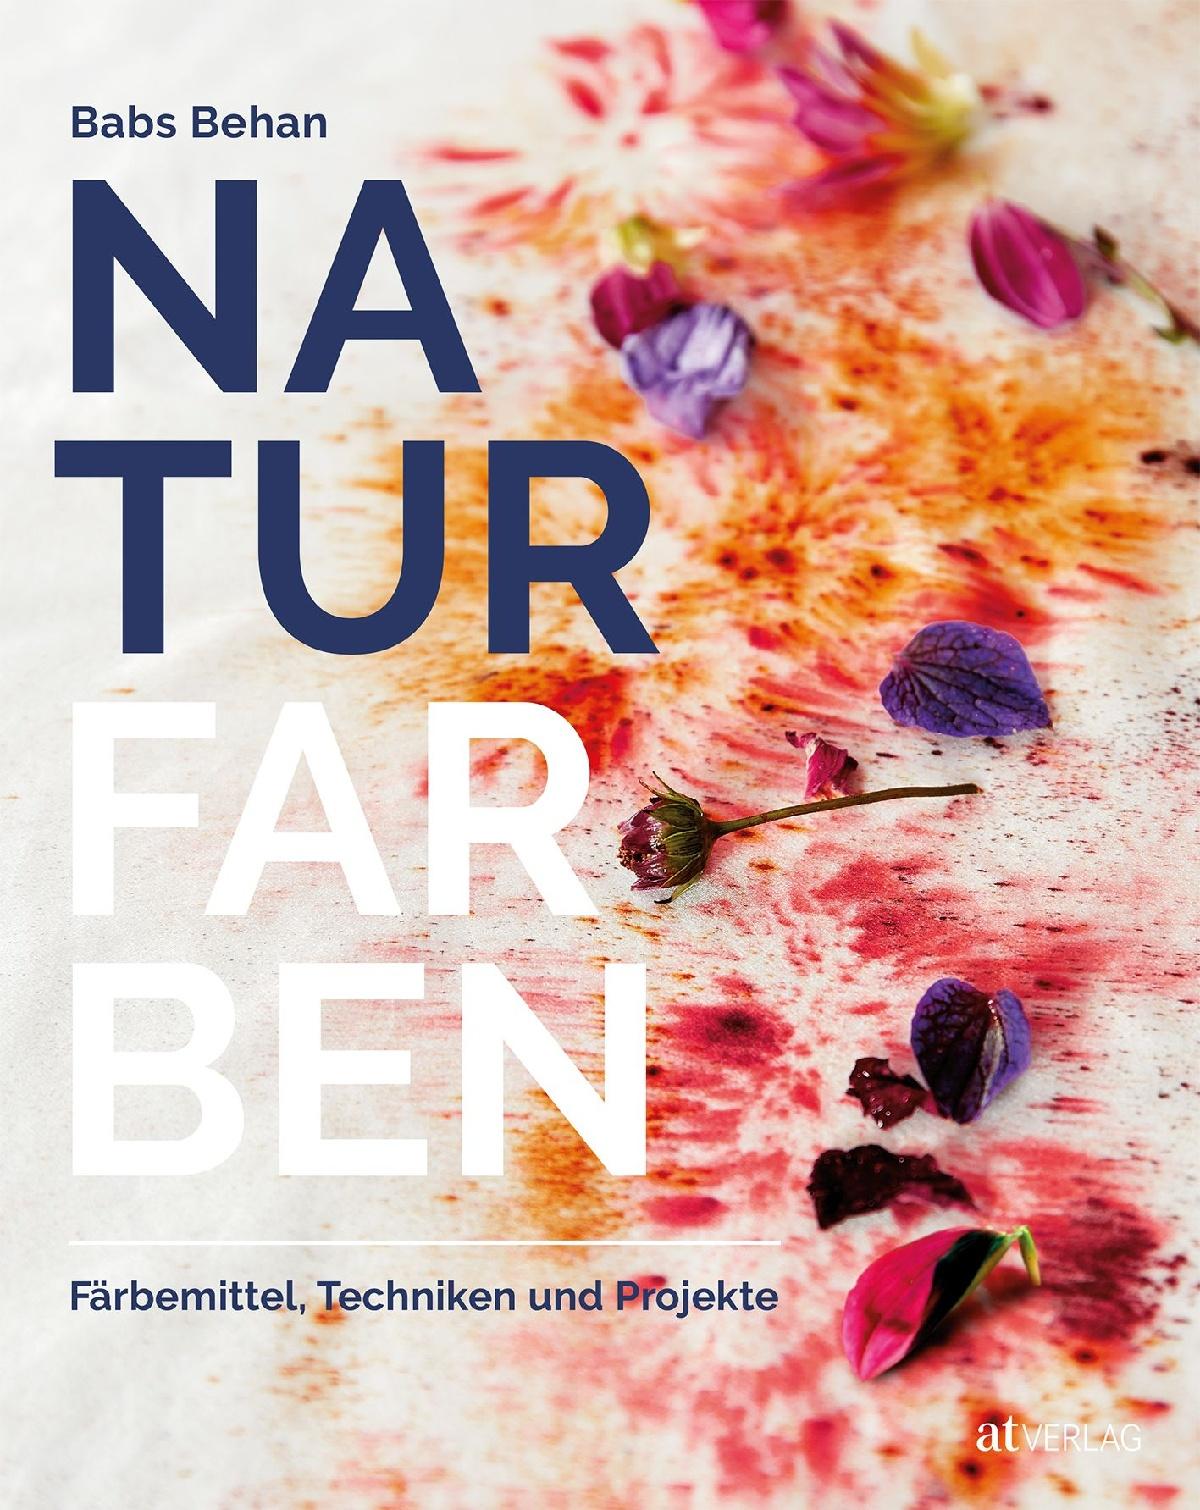 Buch Naturfarben Von Babs Behan At Verlag